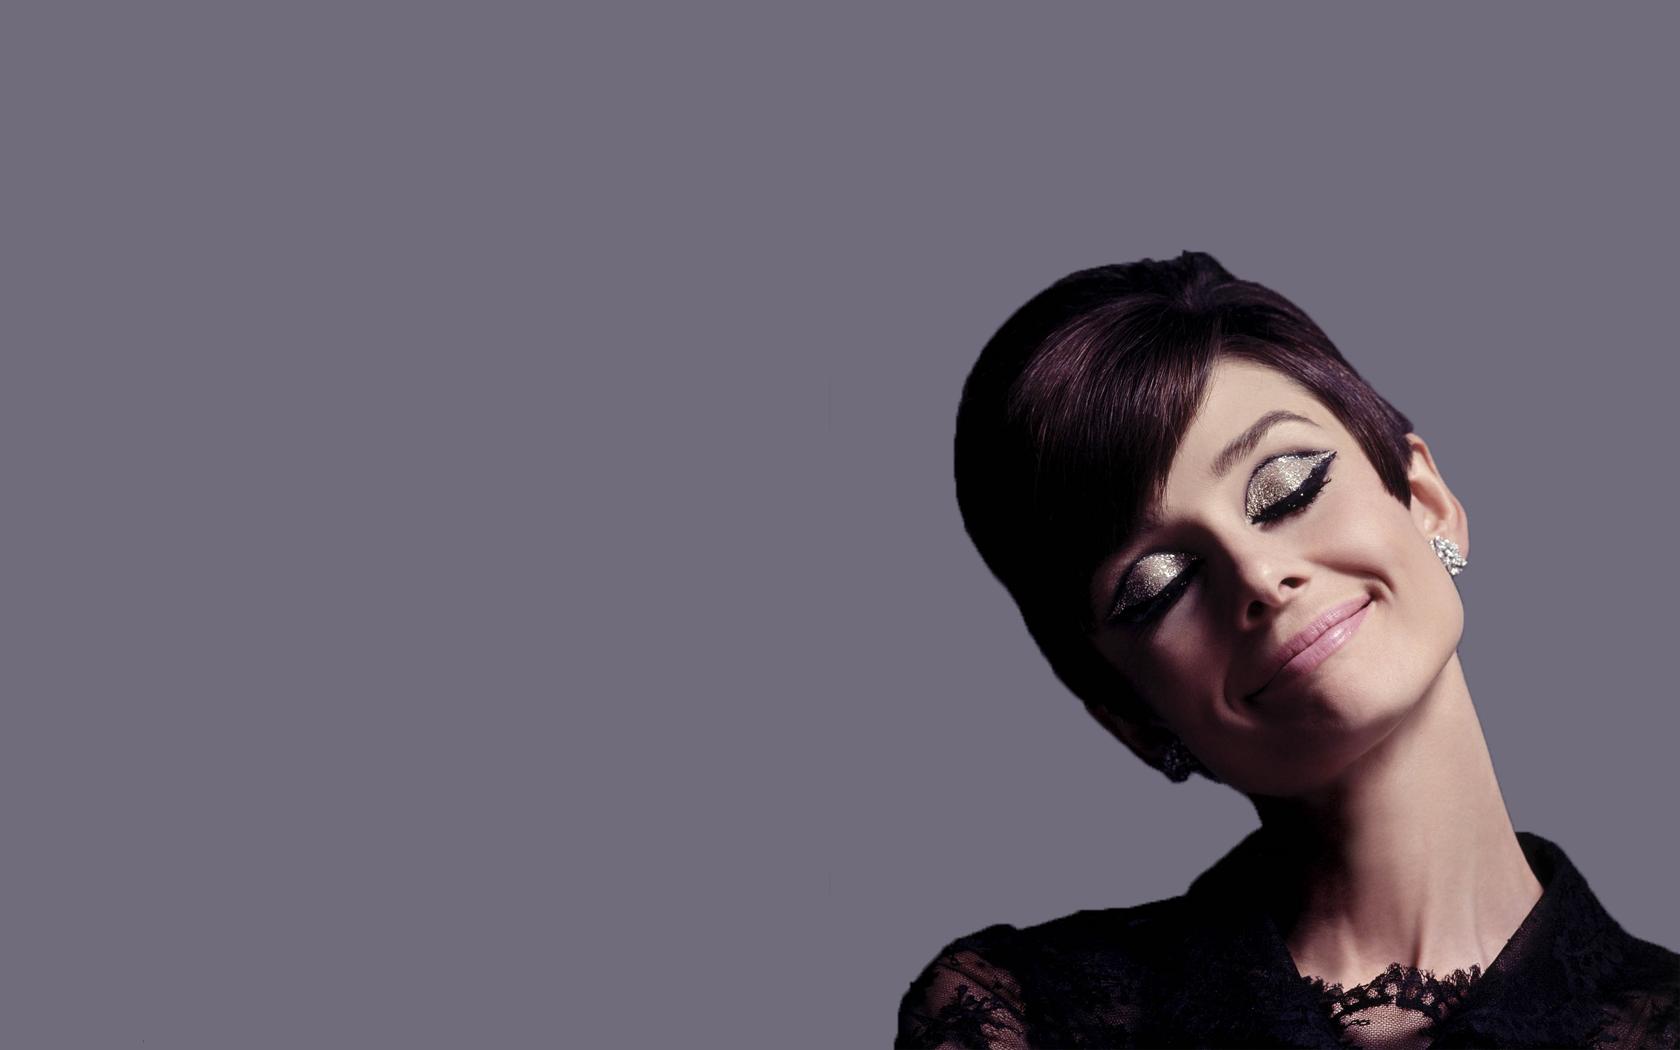 Audrey Hepburn Wallpapers HD 1680x1050